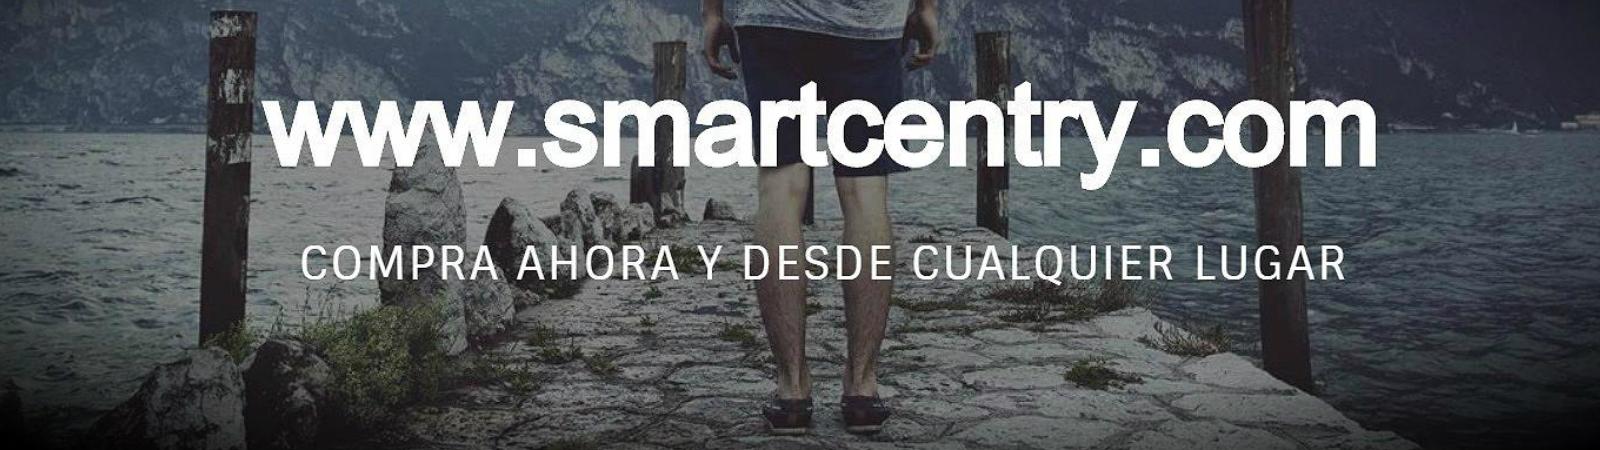 Portada Smartcentry Colombia